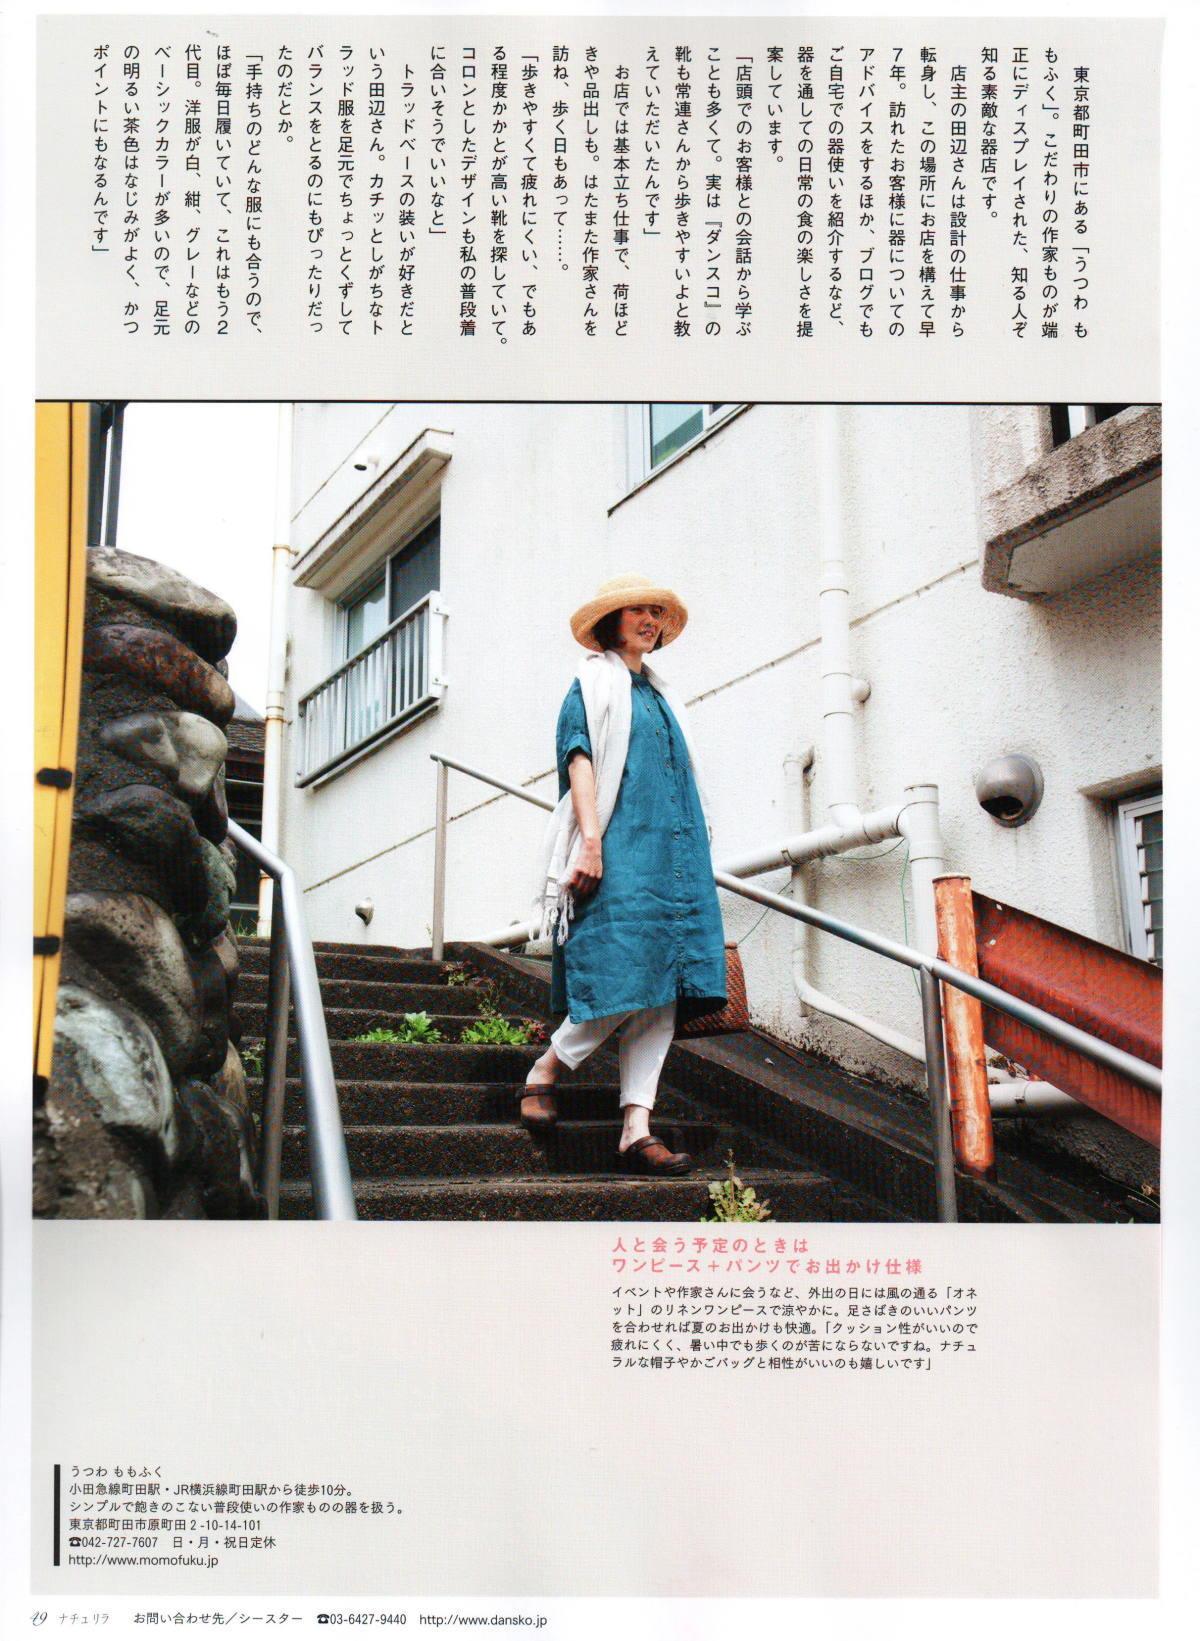 ダンスコ イングリッド Dansko Ingrid 【ナチュリラvol.34】